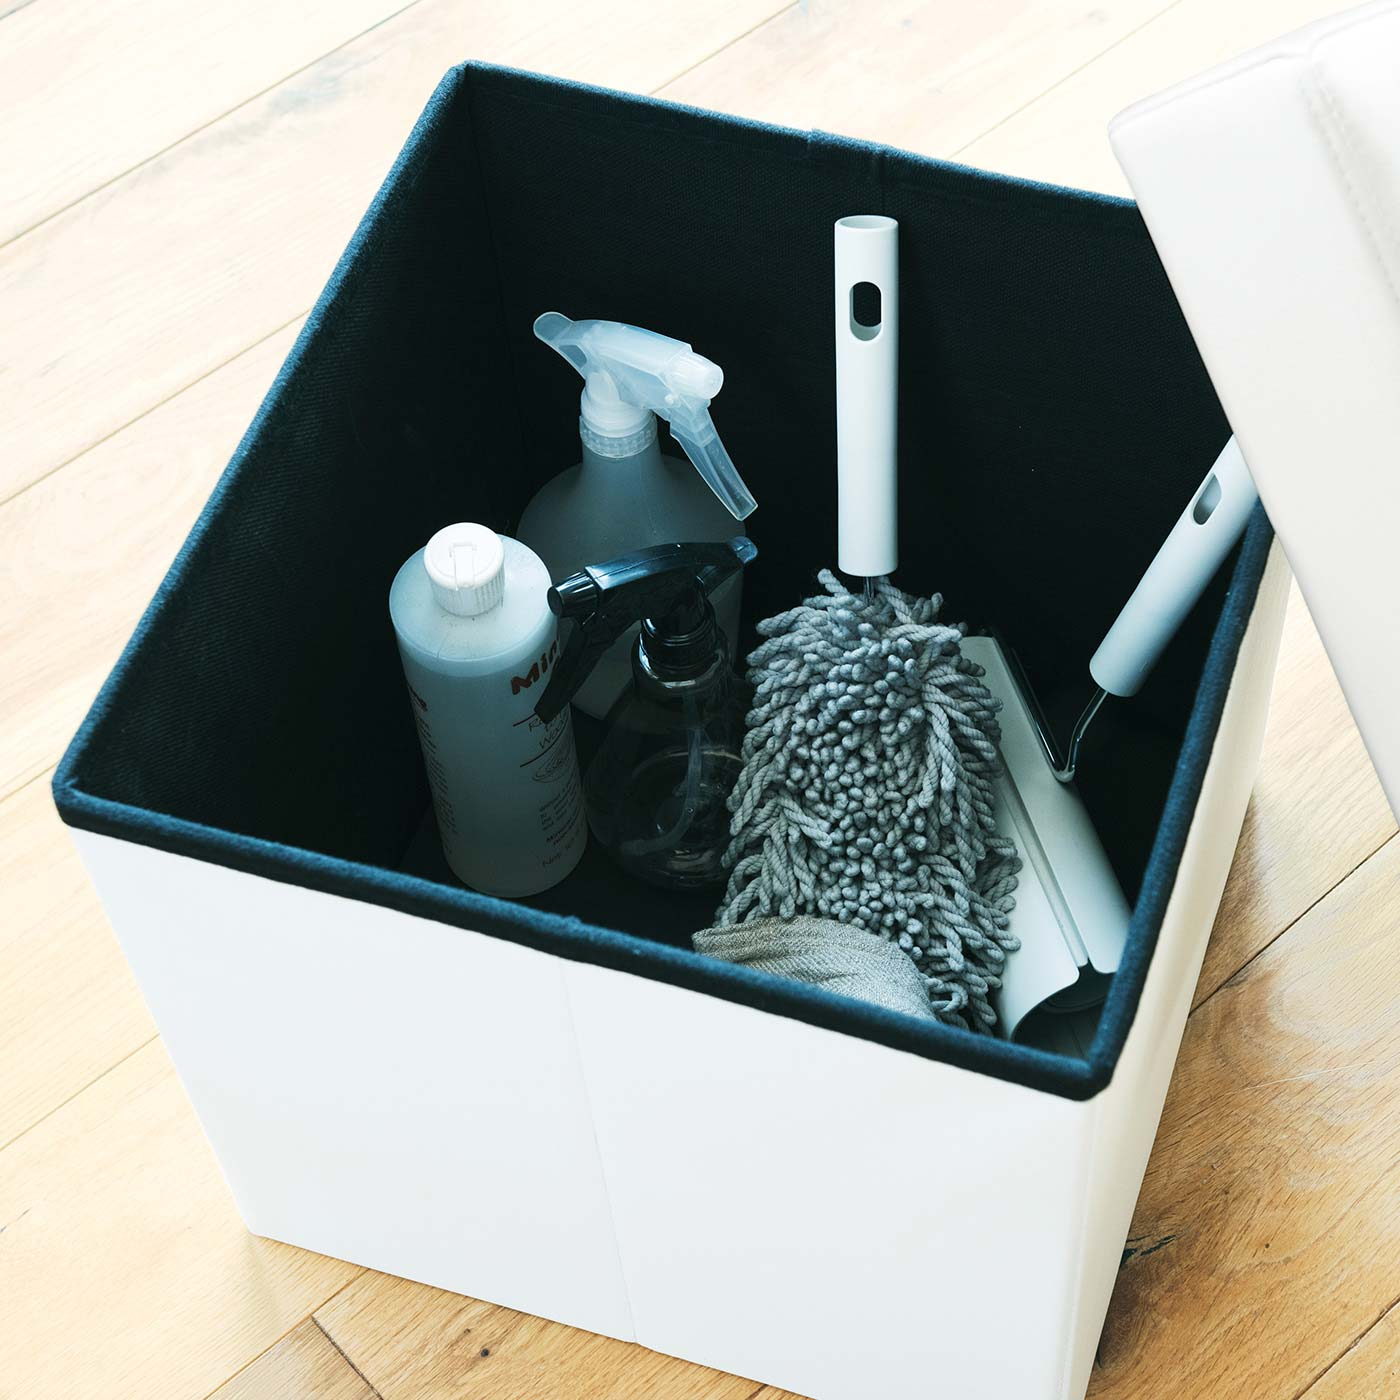 ブラック・ホワイトとも内側はクールなブラック。カーペットクリーナーやダスターなど、リビングのお掃除用具をおしゃれにカバー。おもちゃ入れにも。